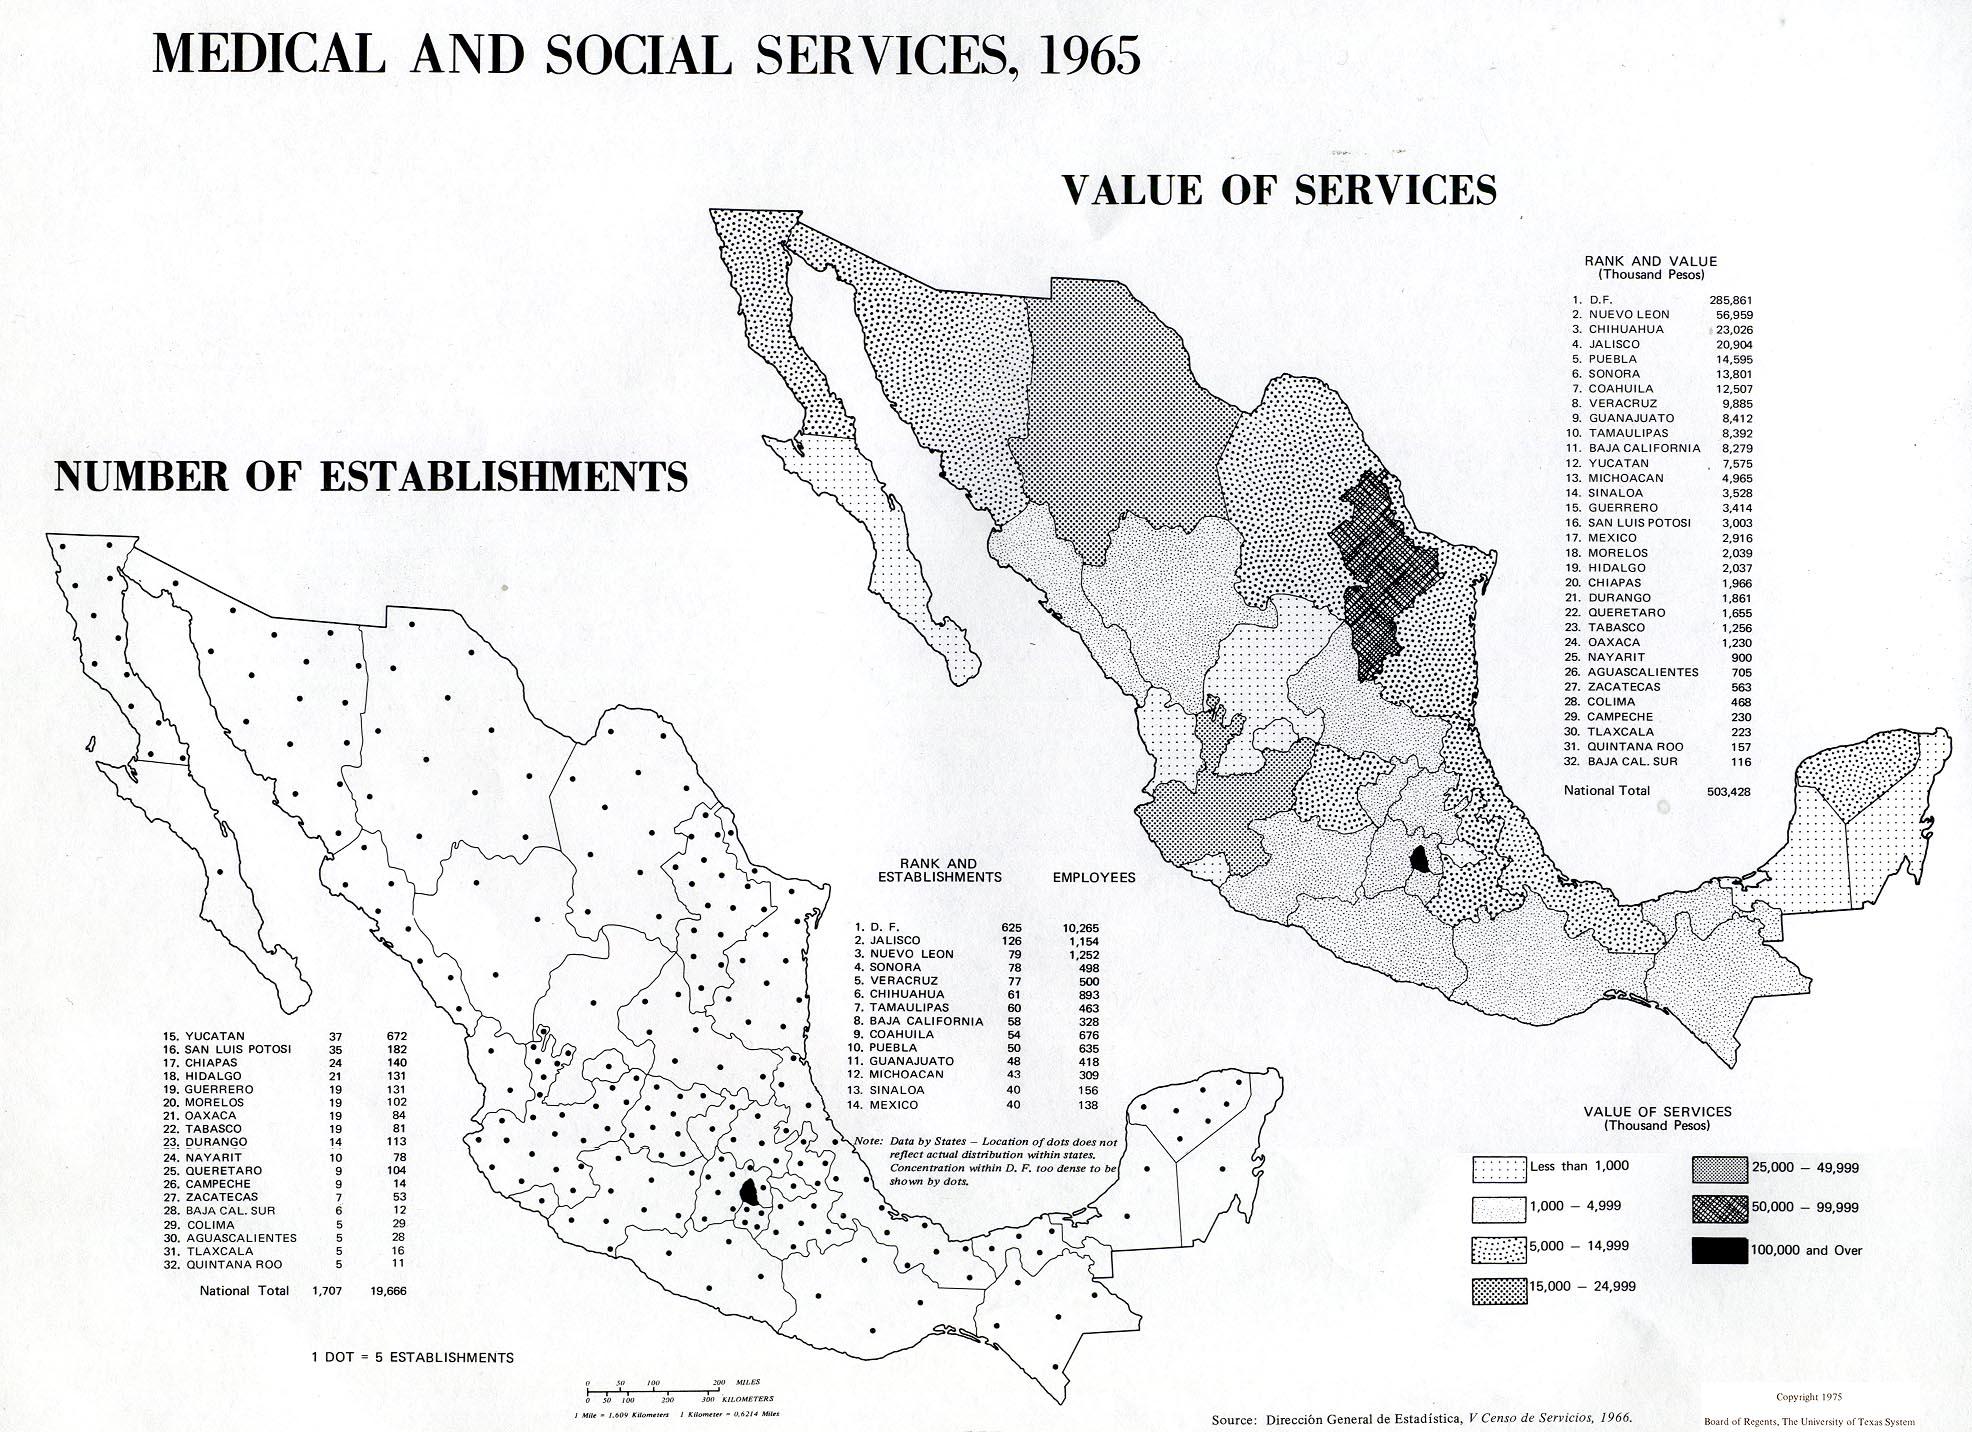 Mapa de Servicios Médicos y Sociales en México 1965